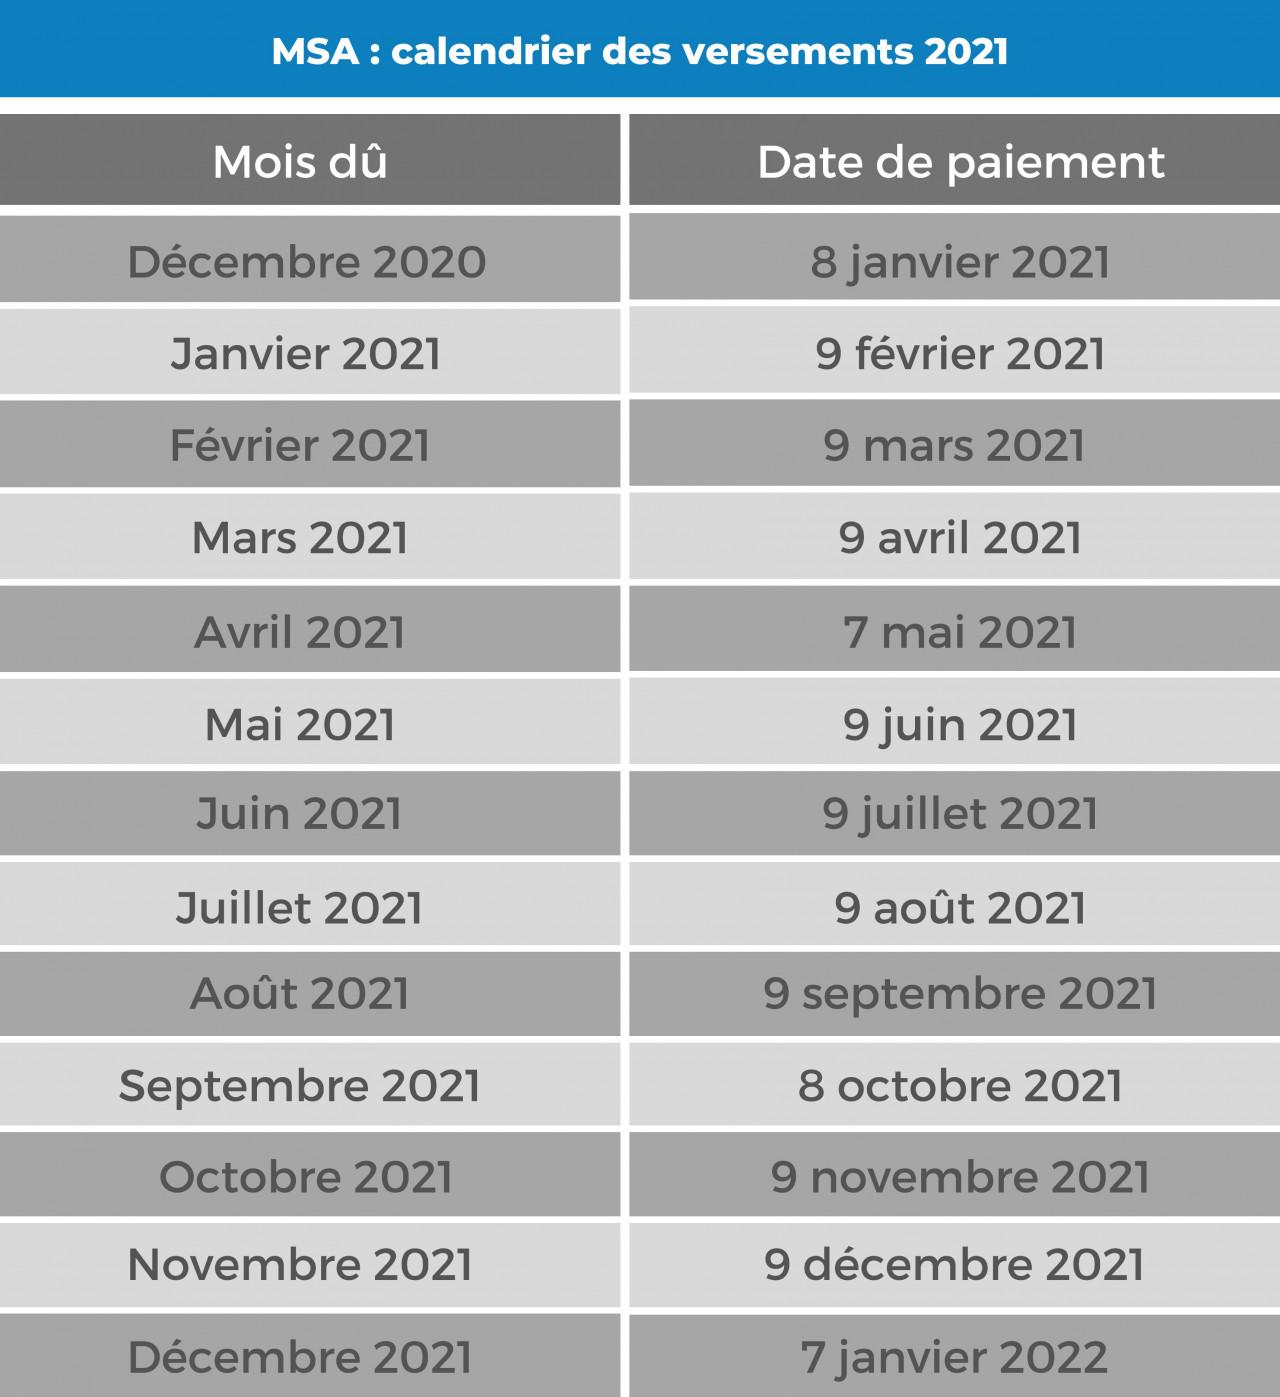 Pensions de retraite : quel est le calendrier des versements en 2021 ?